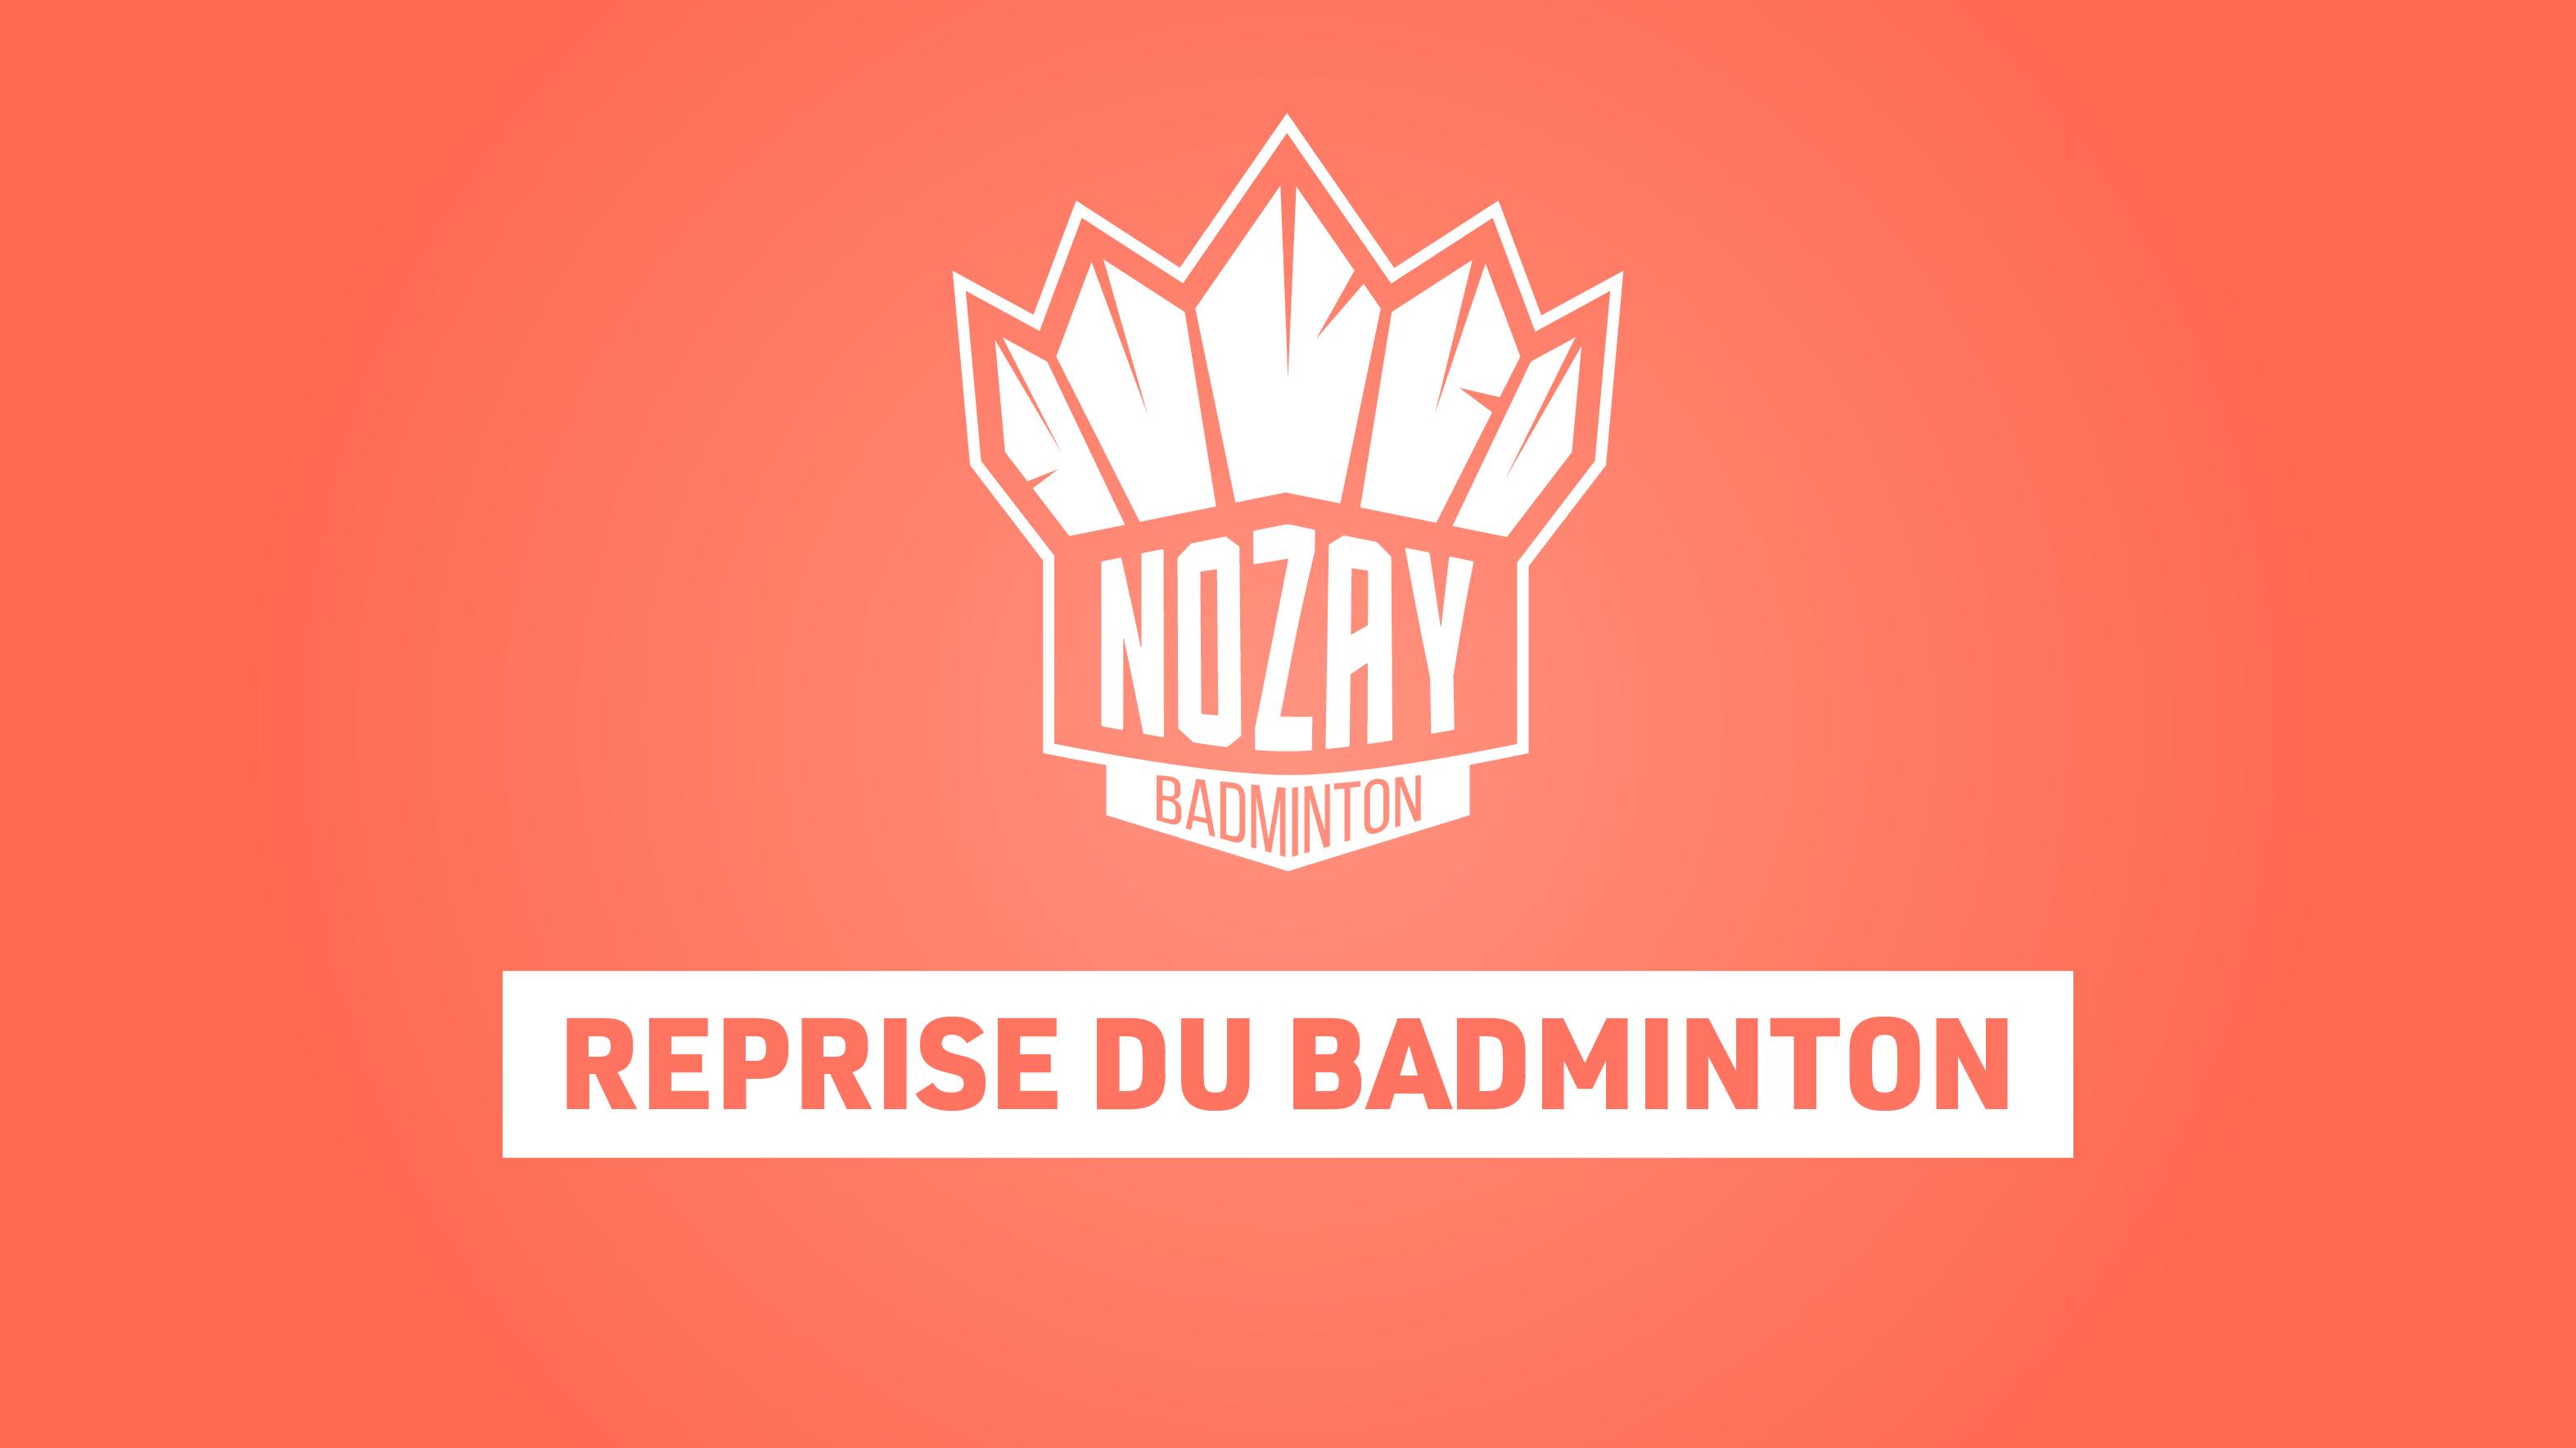 Reprise du badminton et réservation de créneaux